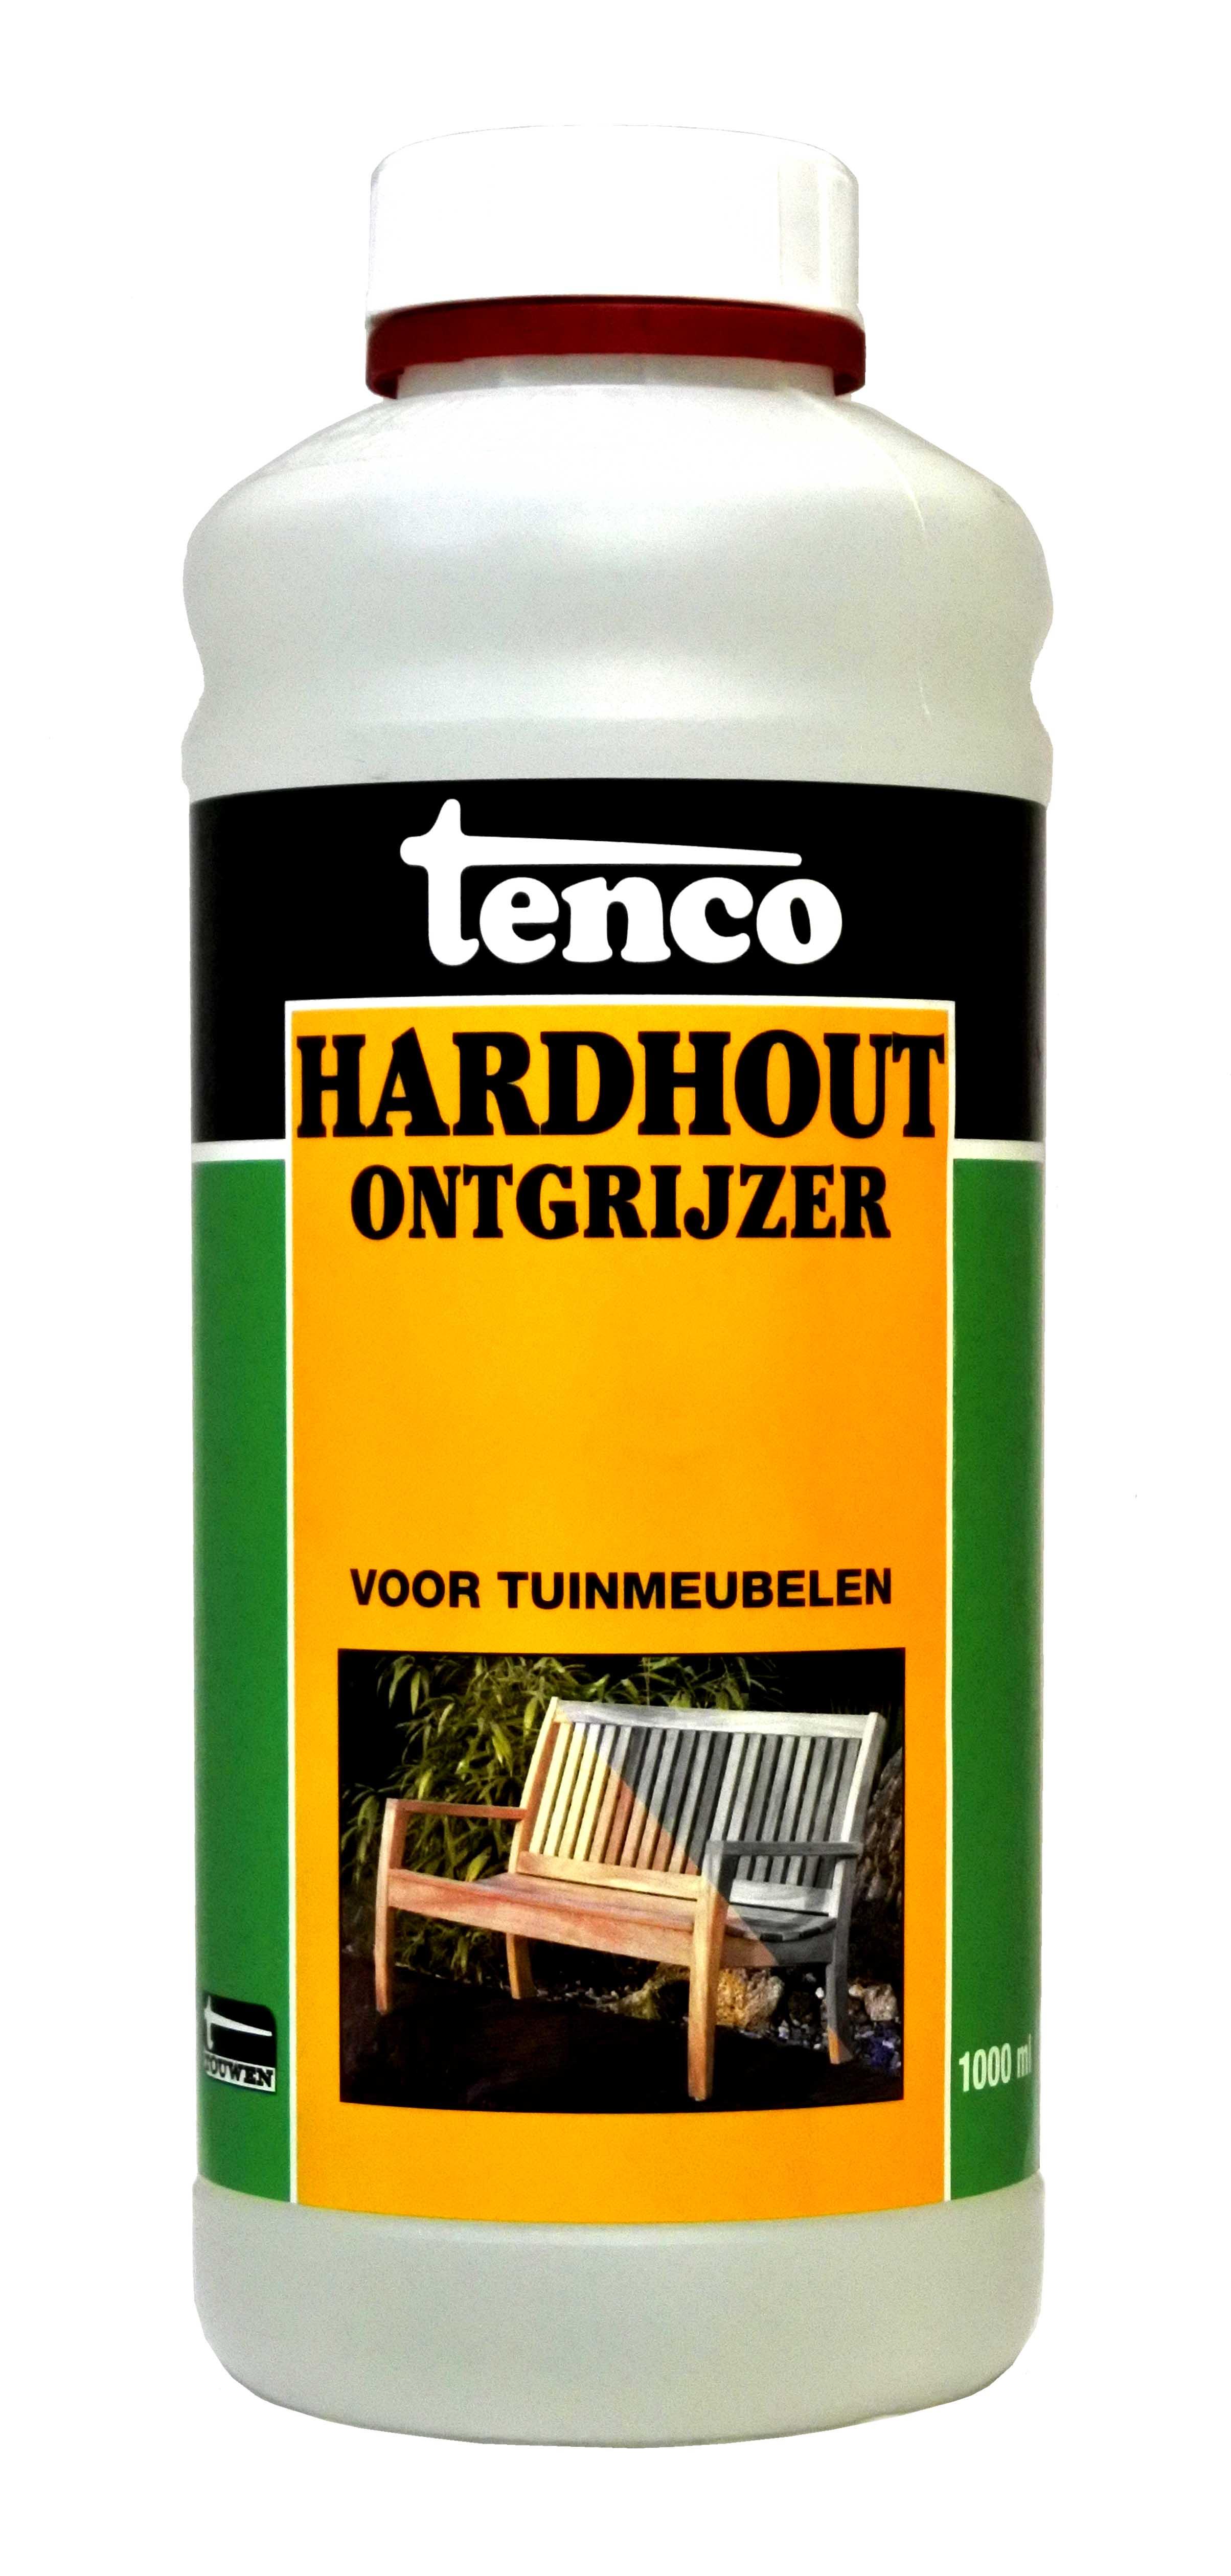 Extreem Hardhout in de tuin - tenco XZ55